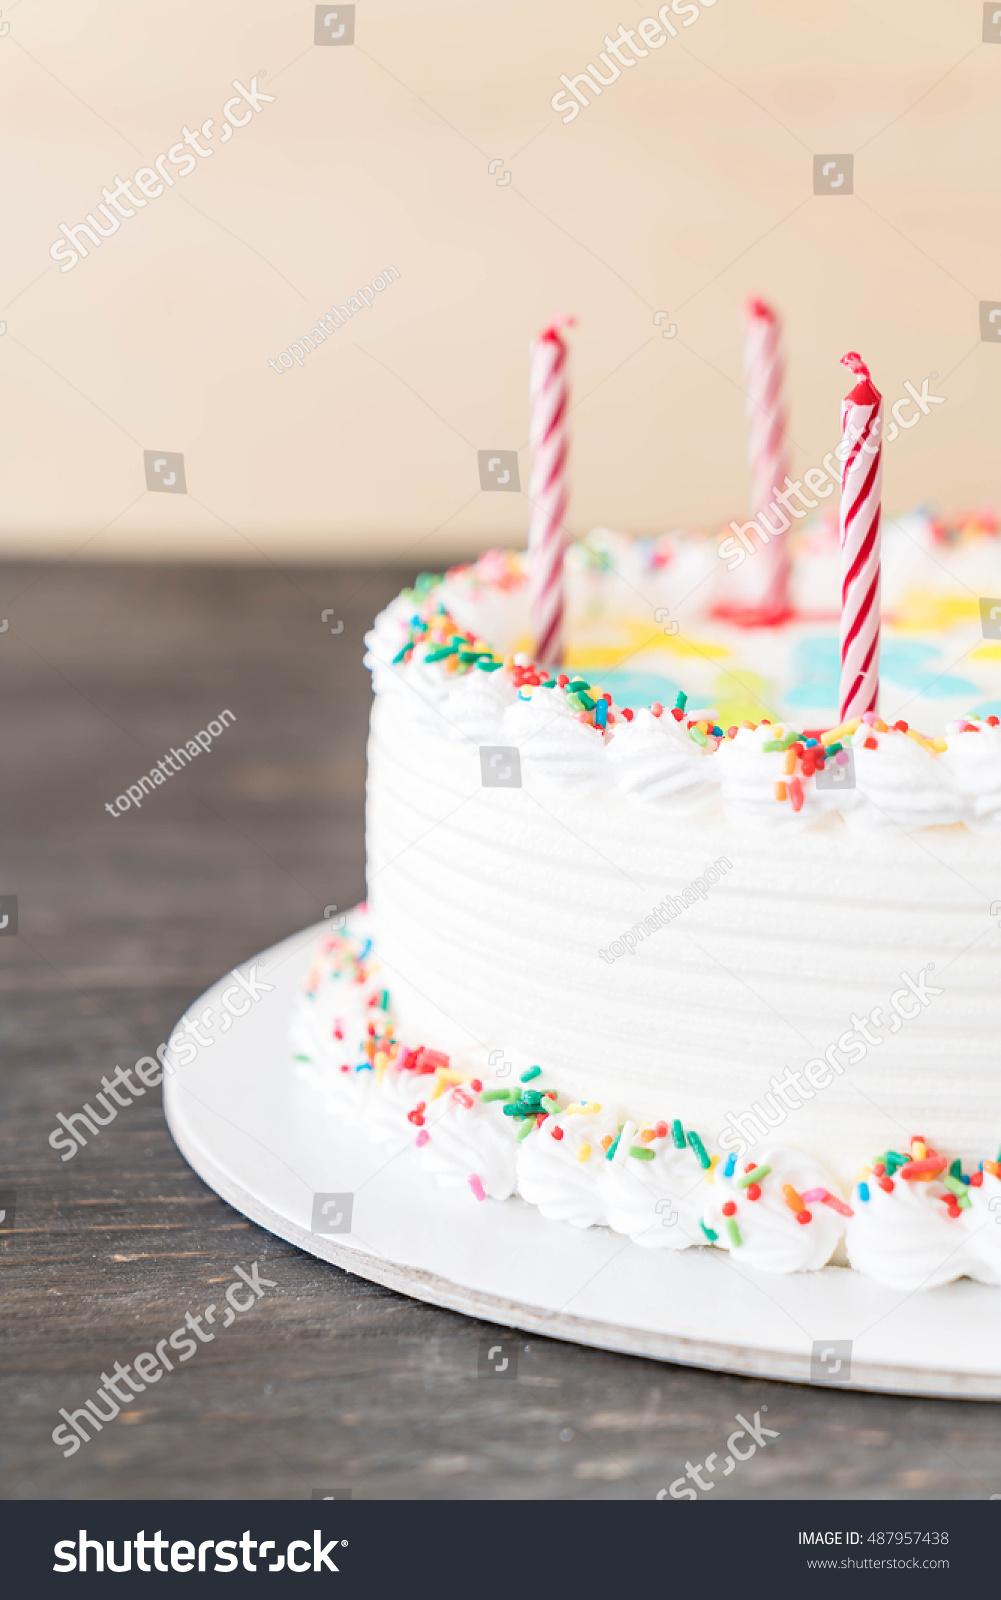 Happy Birthday Cake On Table Stock Photo Edit Now 487957438